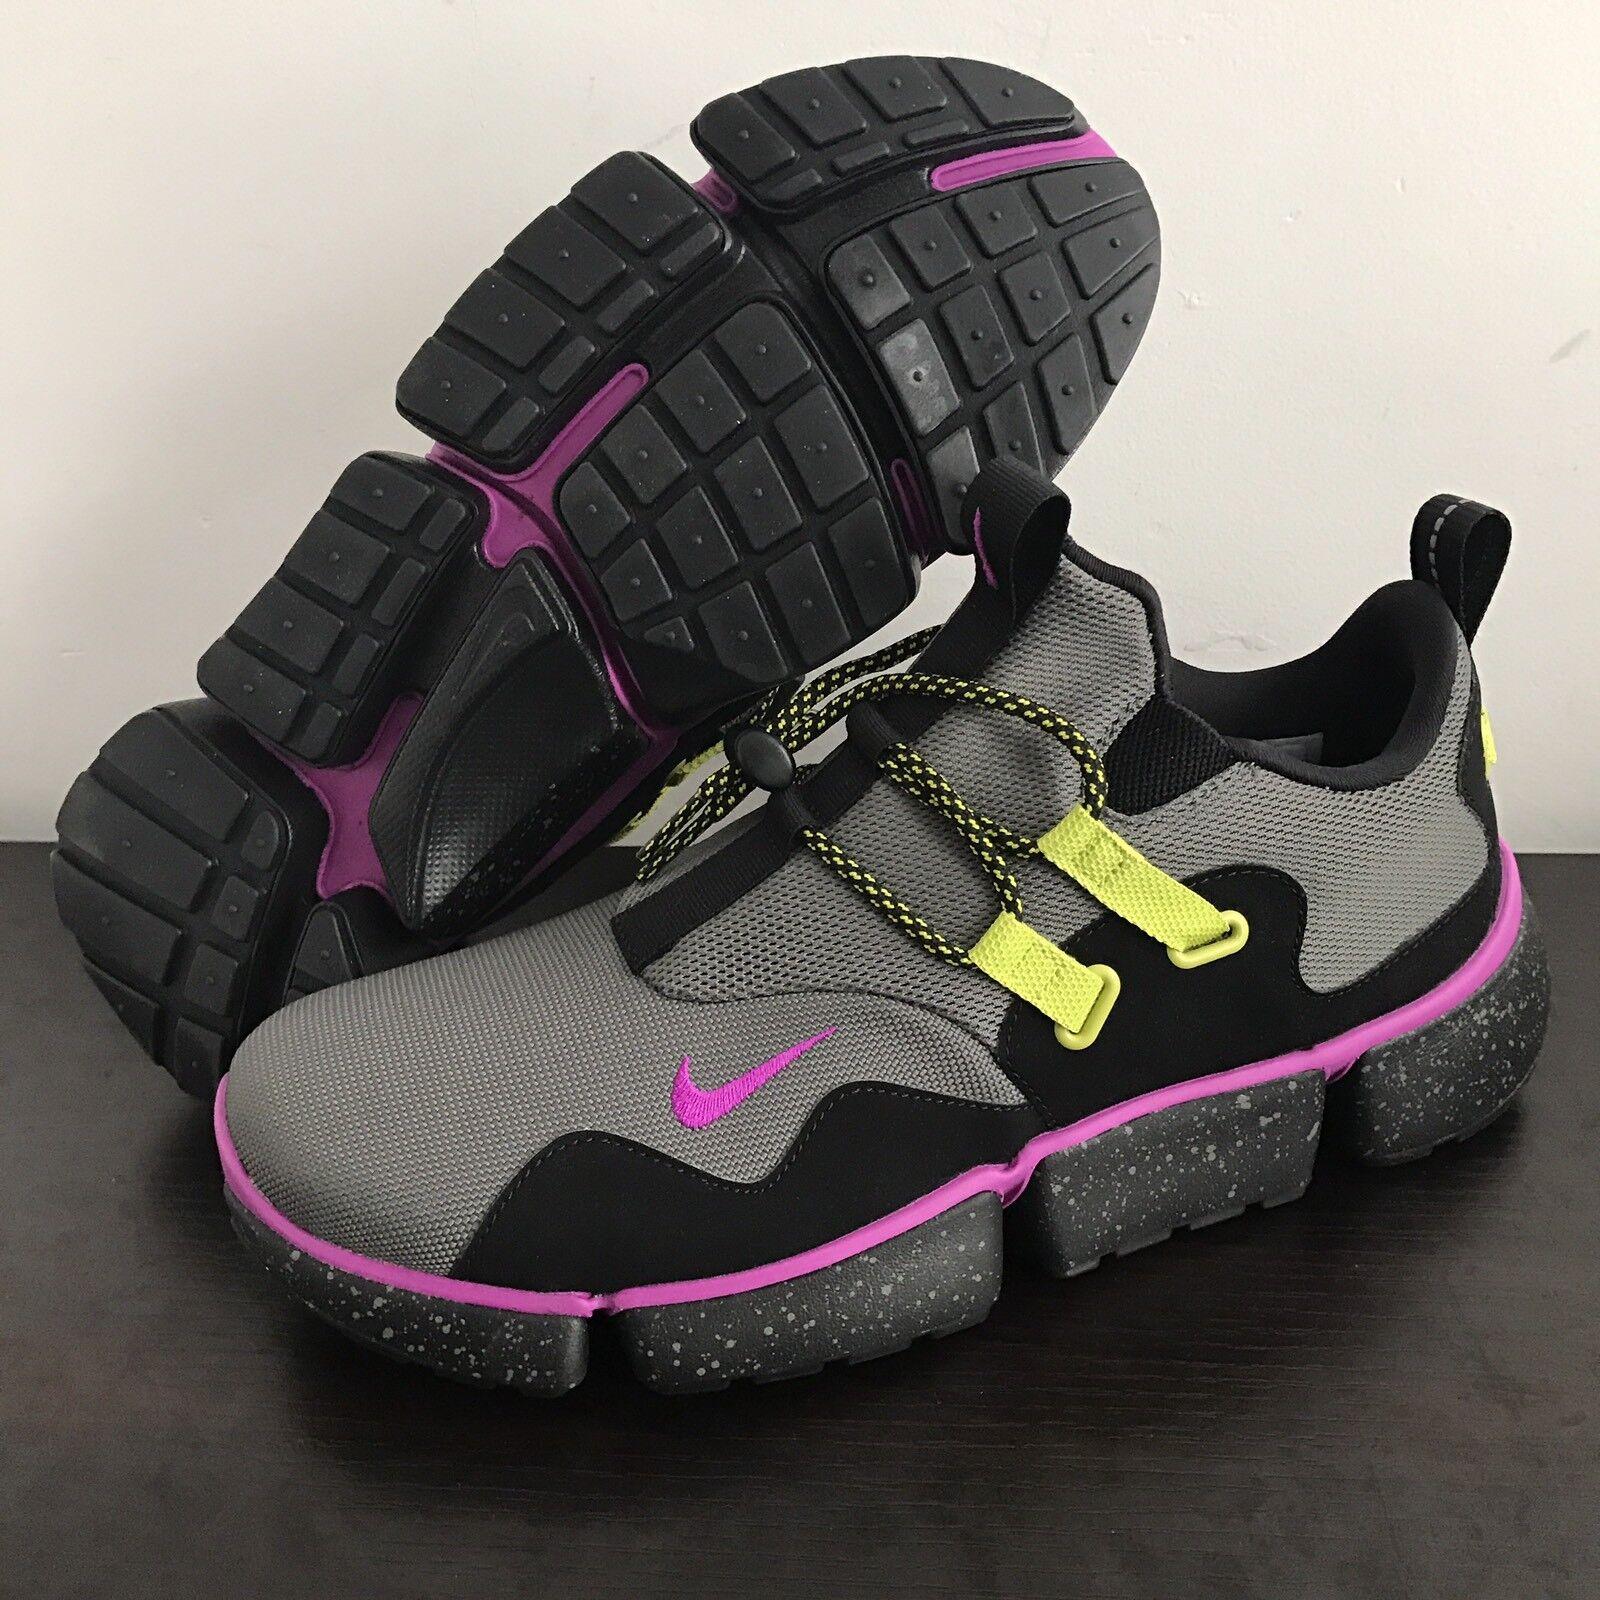 Nike Pocketknife DM SU River Rock Violet Black Hiking Trail Running Size 10.5